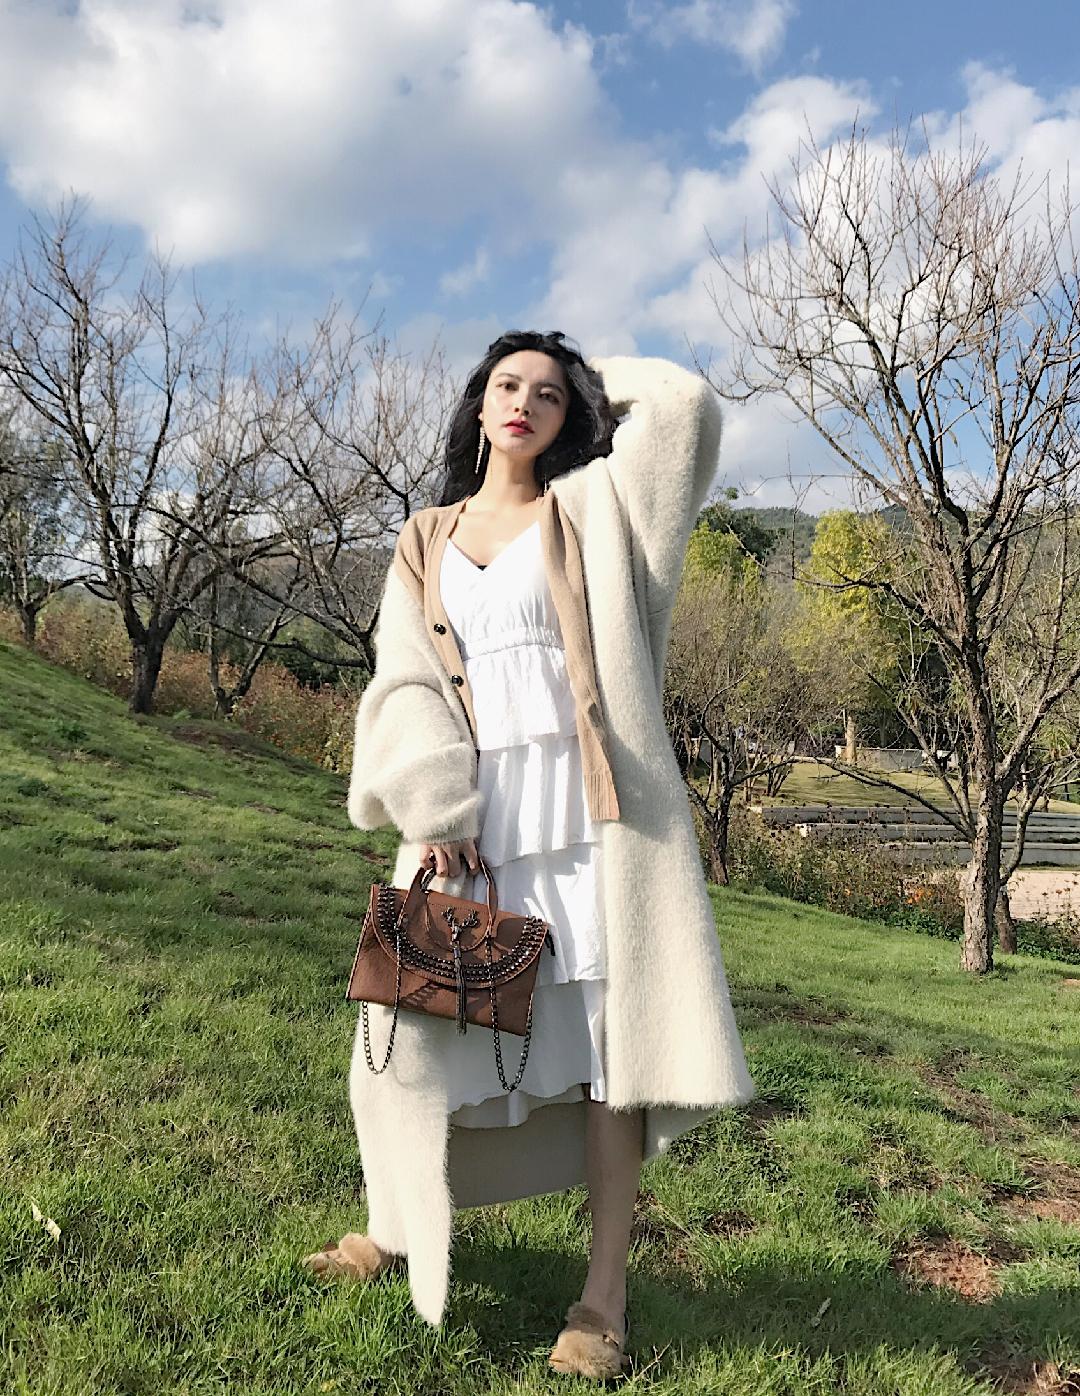 #终于剪了今年的流行发型!#虽然已经是冬天,但是云南仍然晴空万里,是不是忍不住就想去野餐呀,野餐的场所会有草地树林,所以森女风的搭配再适合不过了。学院风的针织外套搭配白色蛋糕裙,怕冷就再叠穿一件大外套。包包也搭配民族风的皮革包包,鞋子呢舒适和看起来不突兀就好。搭配我的卷发,文艺气息满满,这一身其实我也很喜欢。